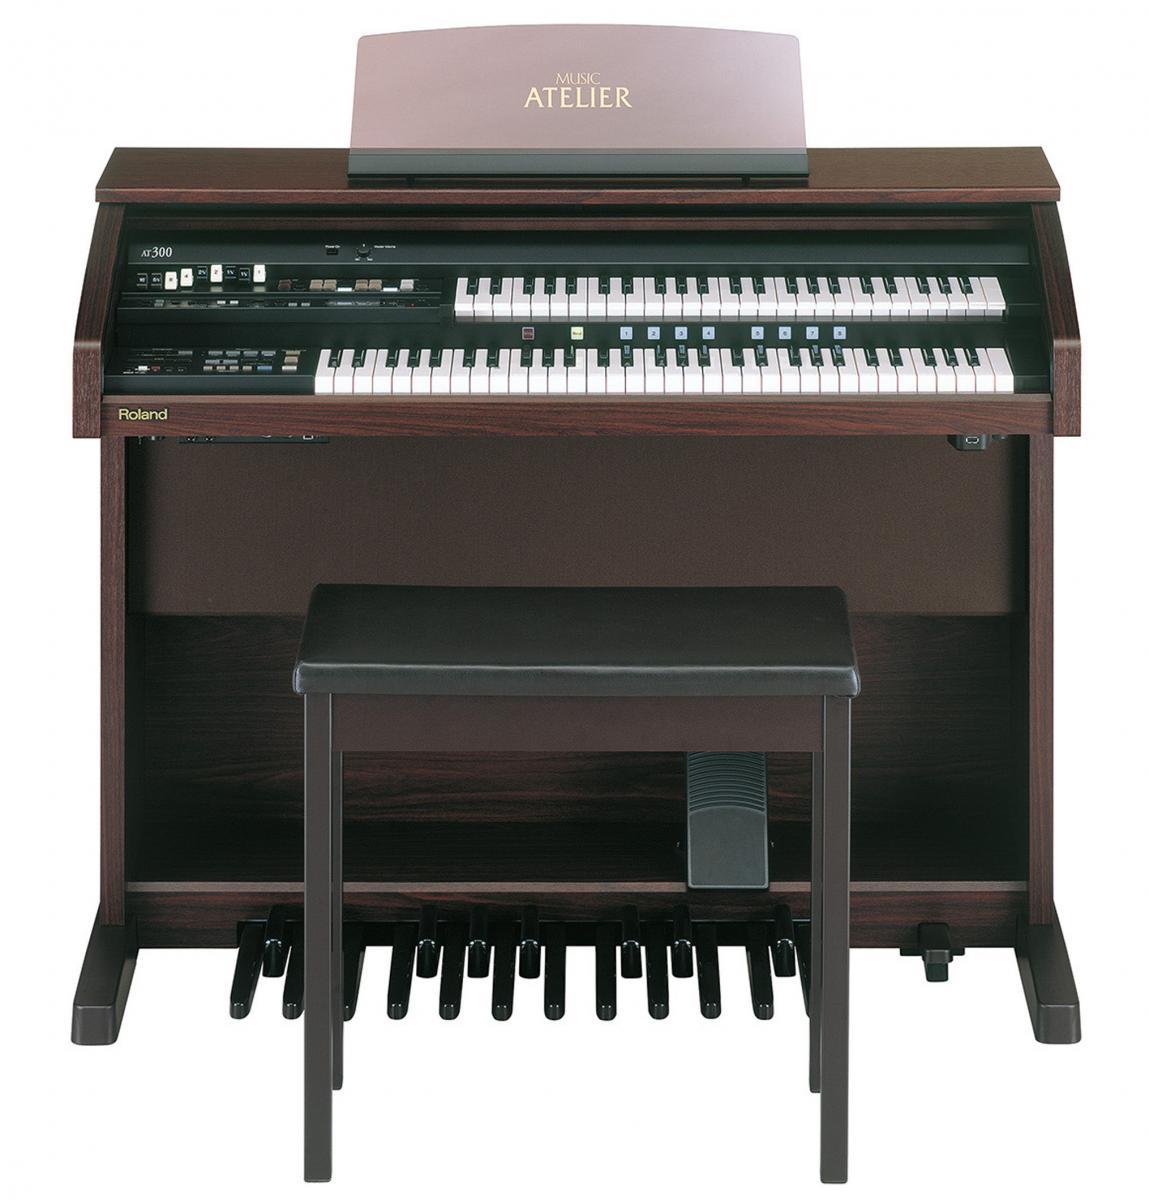 Đàn organ 2 tầng Roland AT-300 dành cho nhà thờ